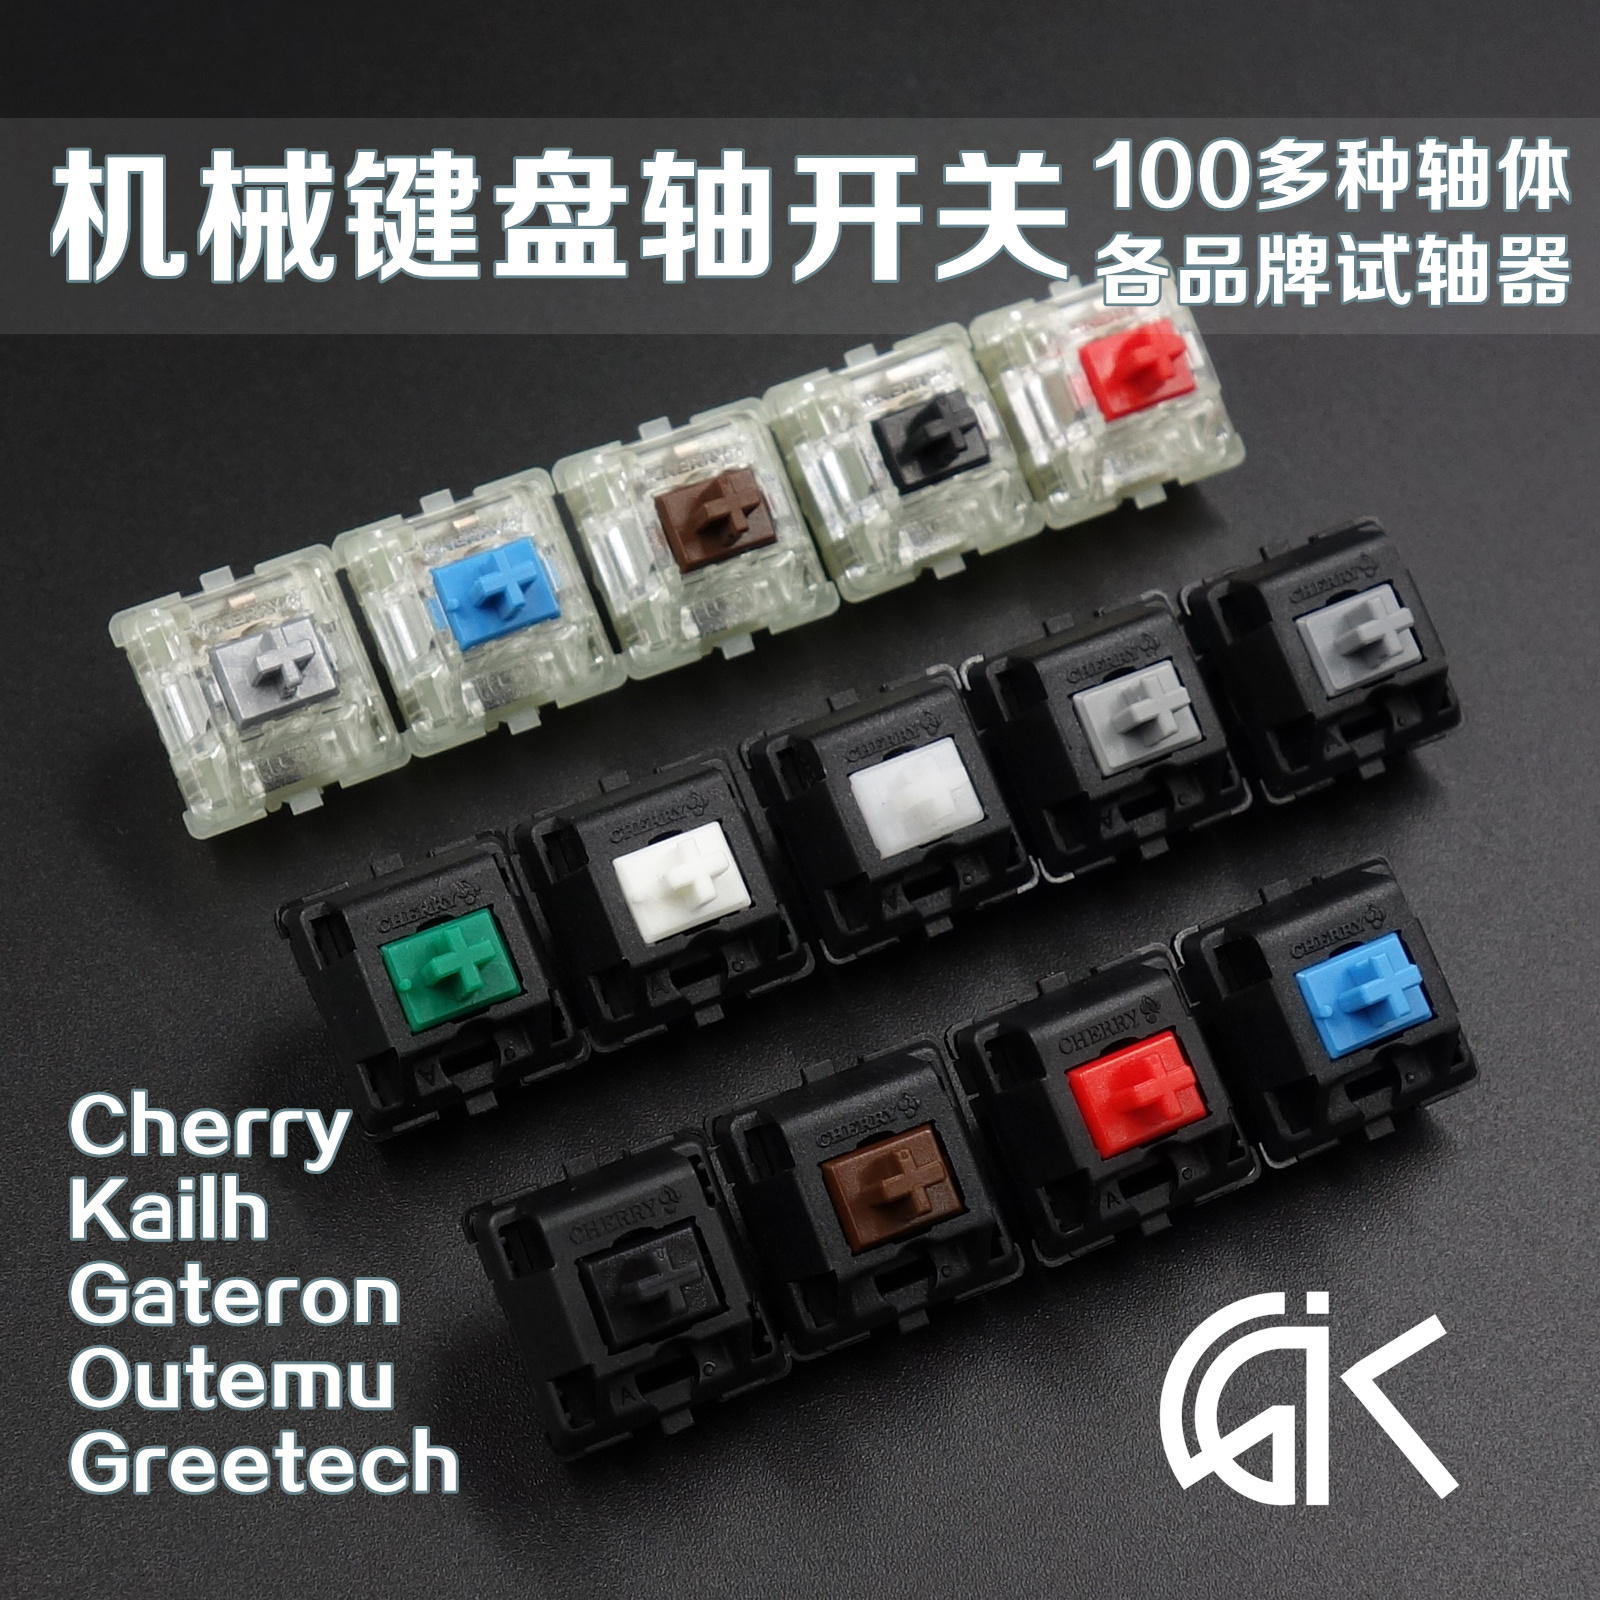 Cherry櫻桃凱華kailh機械鍵盤MX開關黑青茶紅綠白奶G軸體驗試軸器